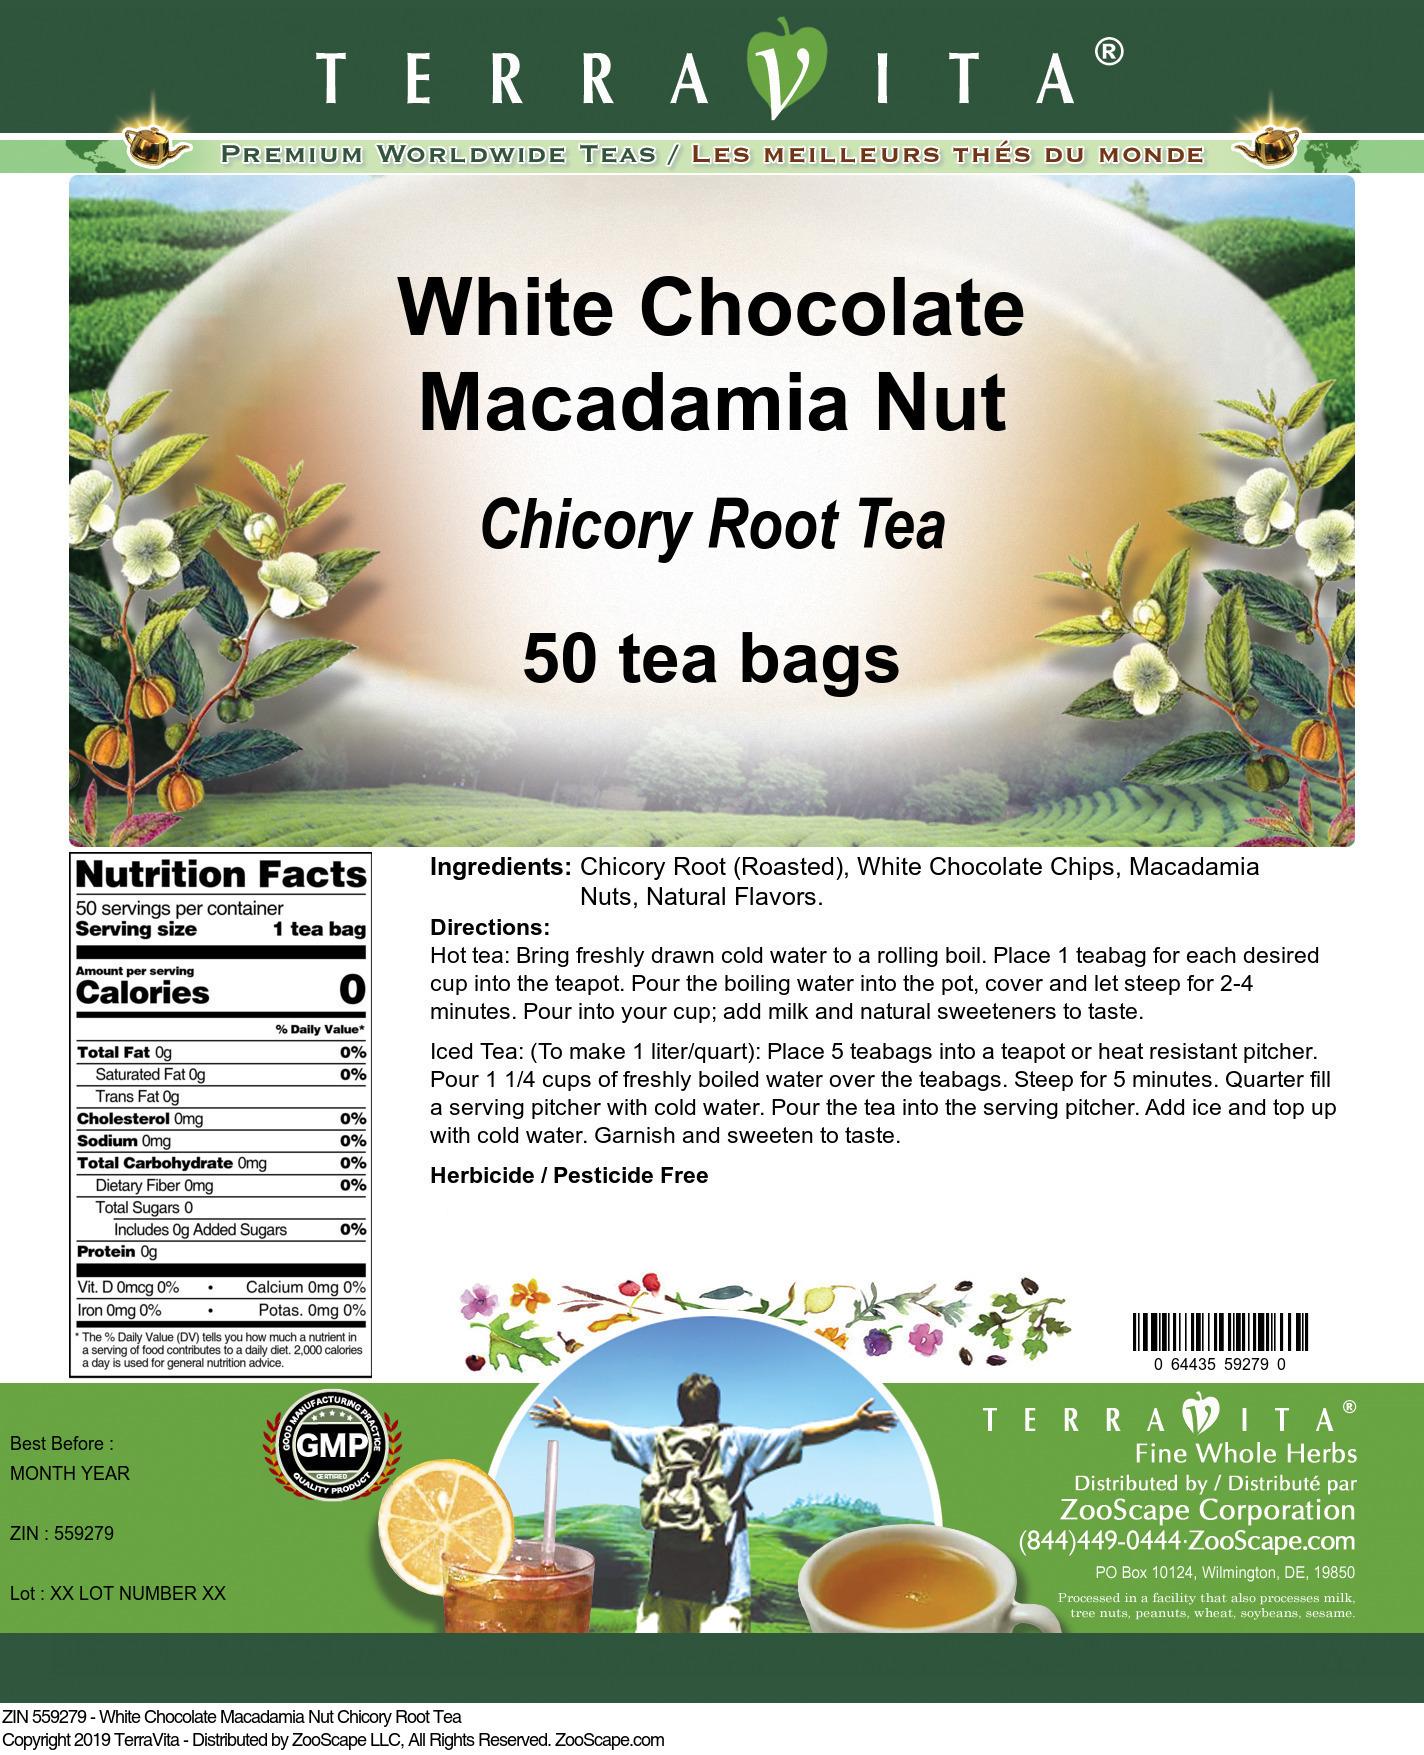 White Chocolate Macadamia Nut Chicory Root